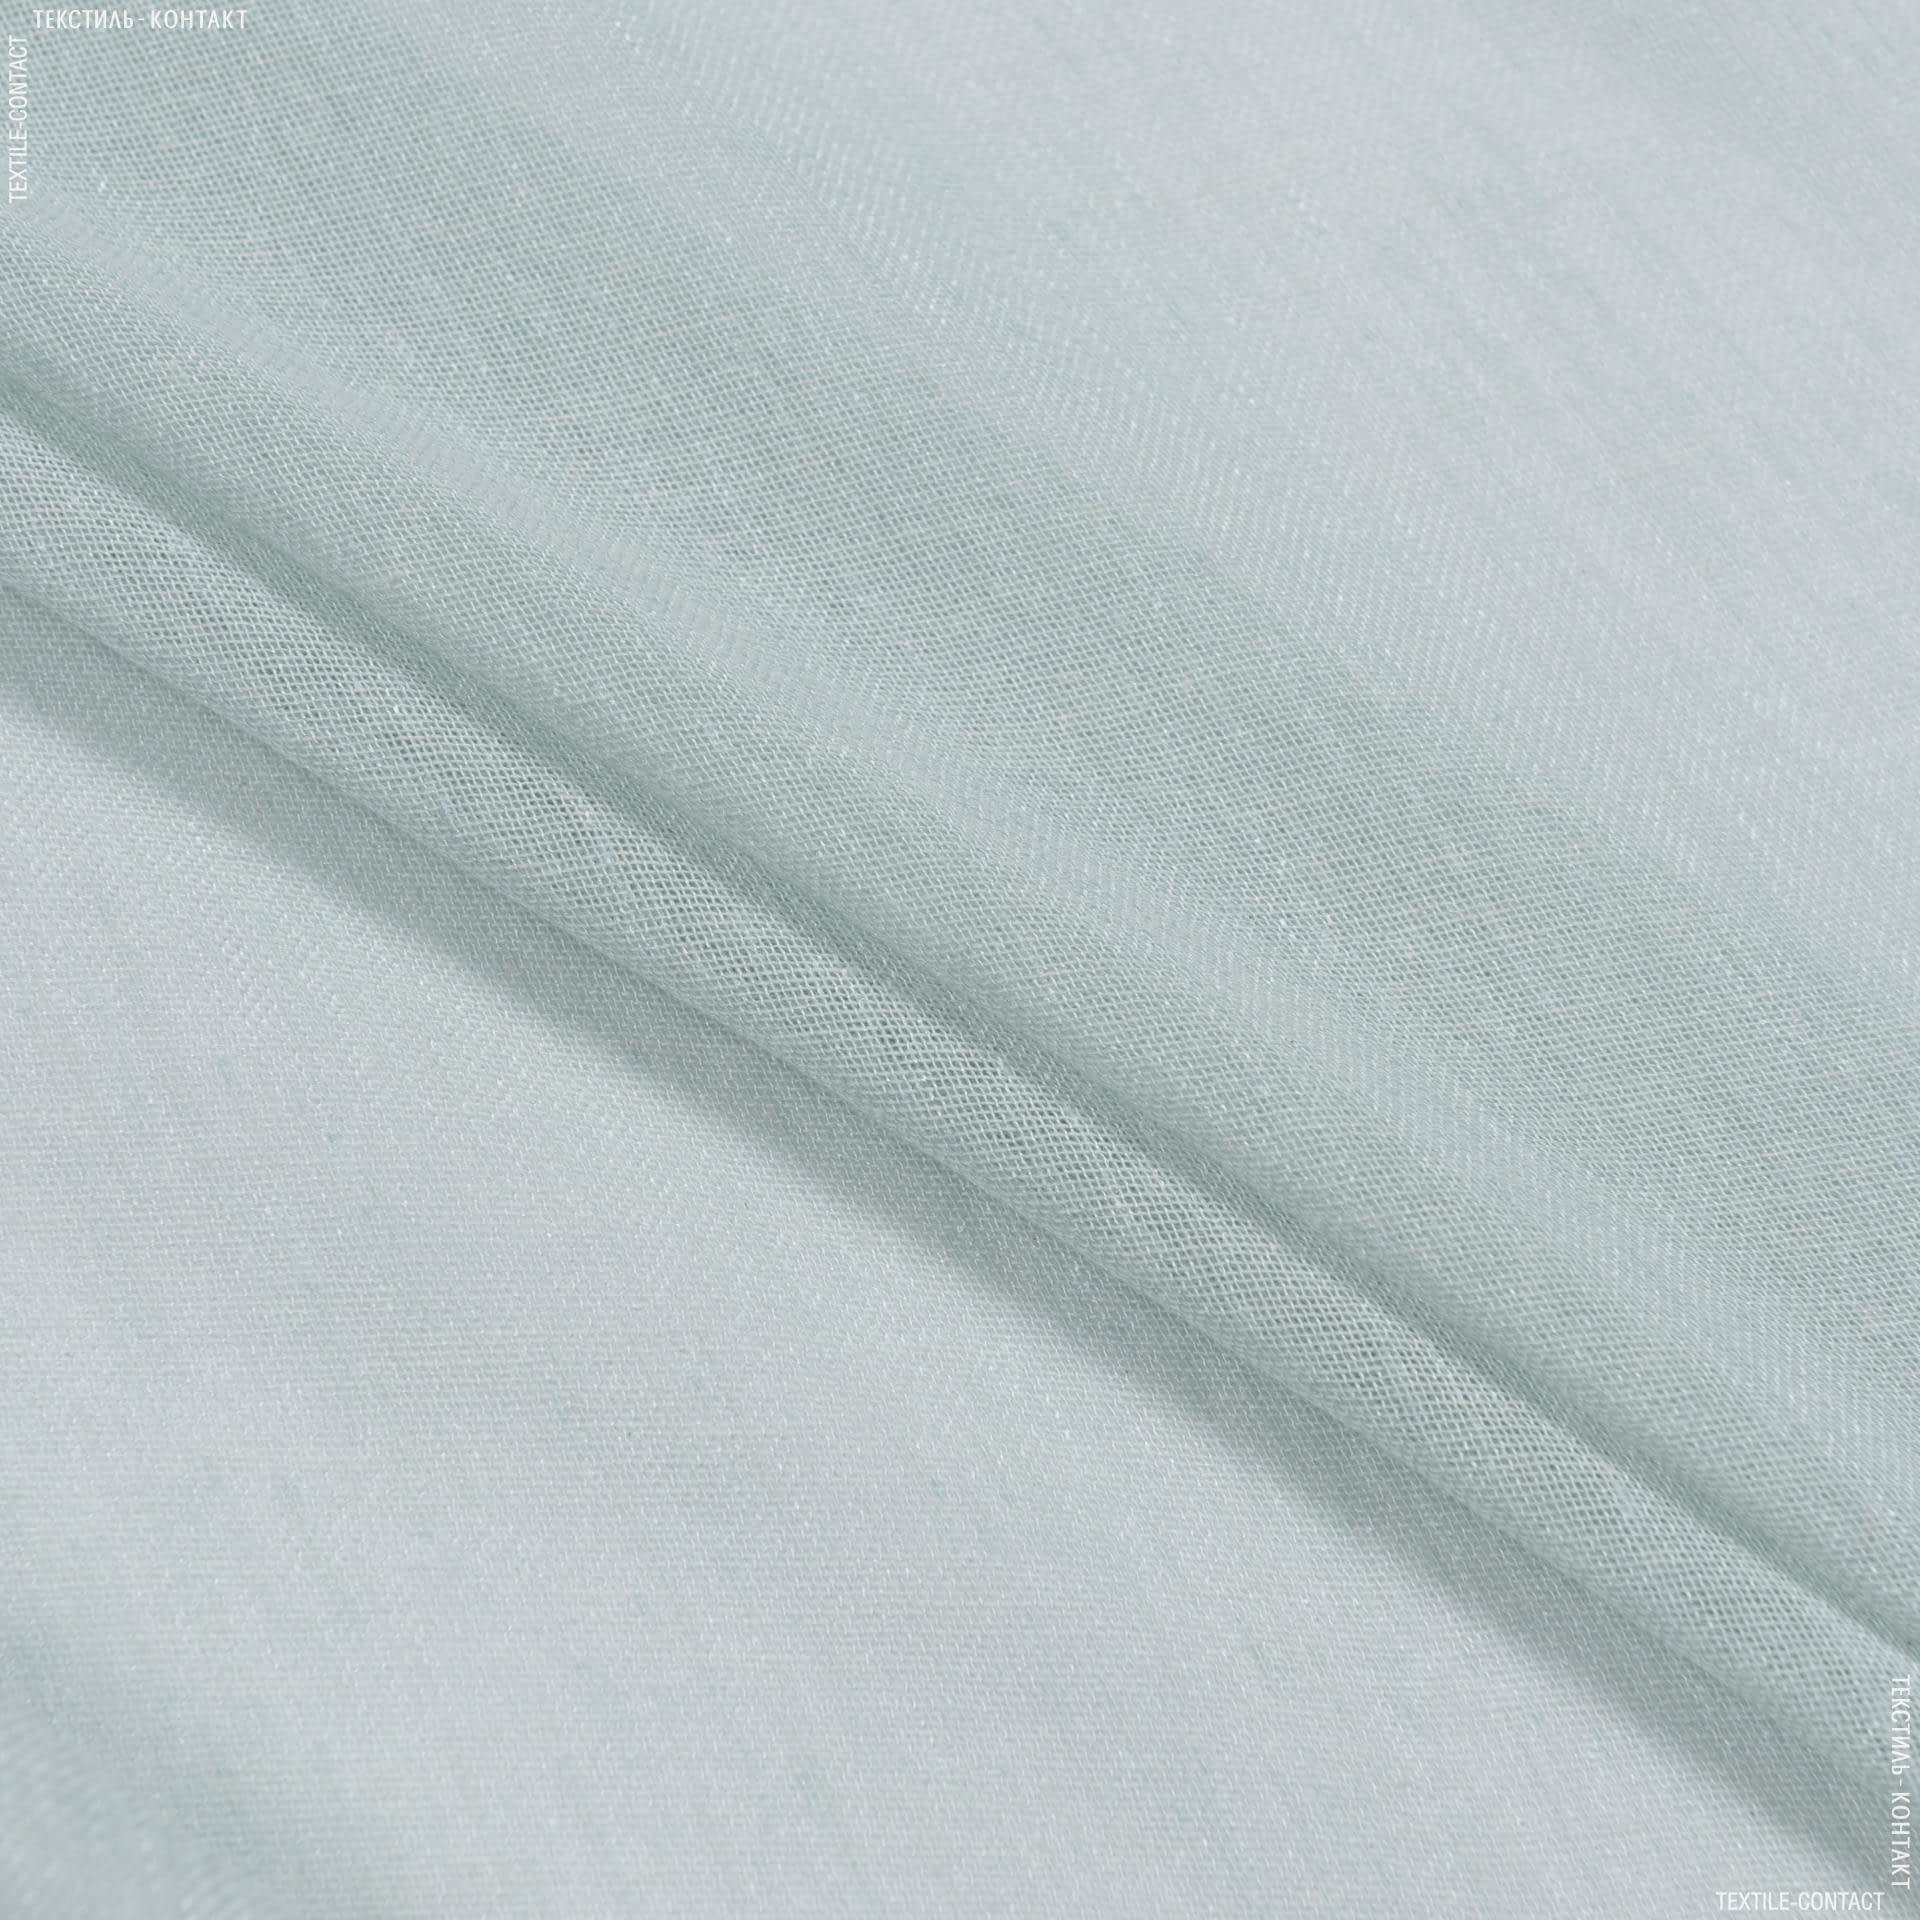 Ткани гардинные ткани - Тюль  кисея с  утяжелителем мелодия/ /св.лазурь